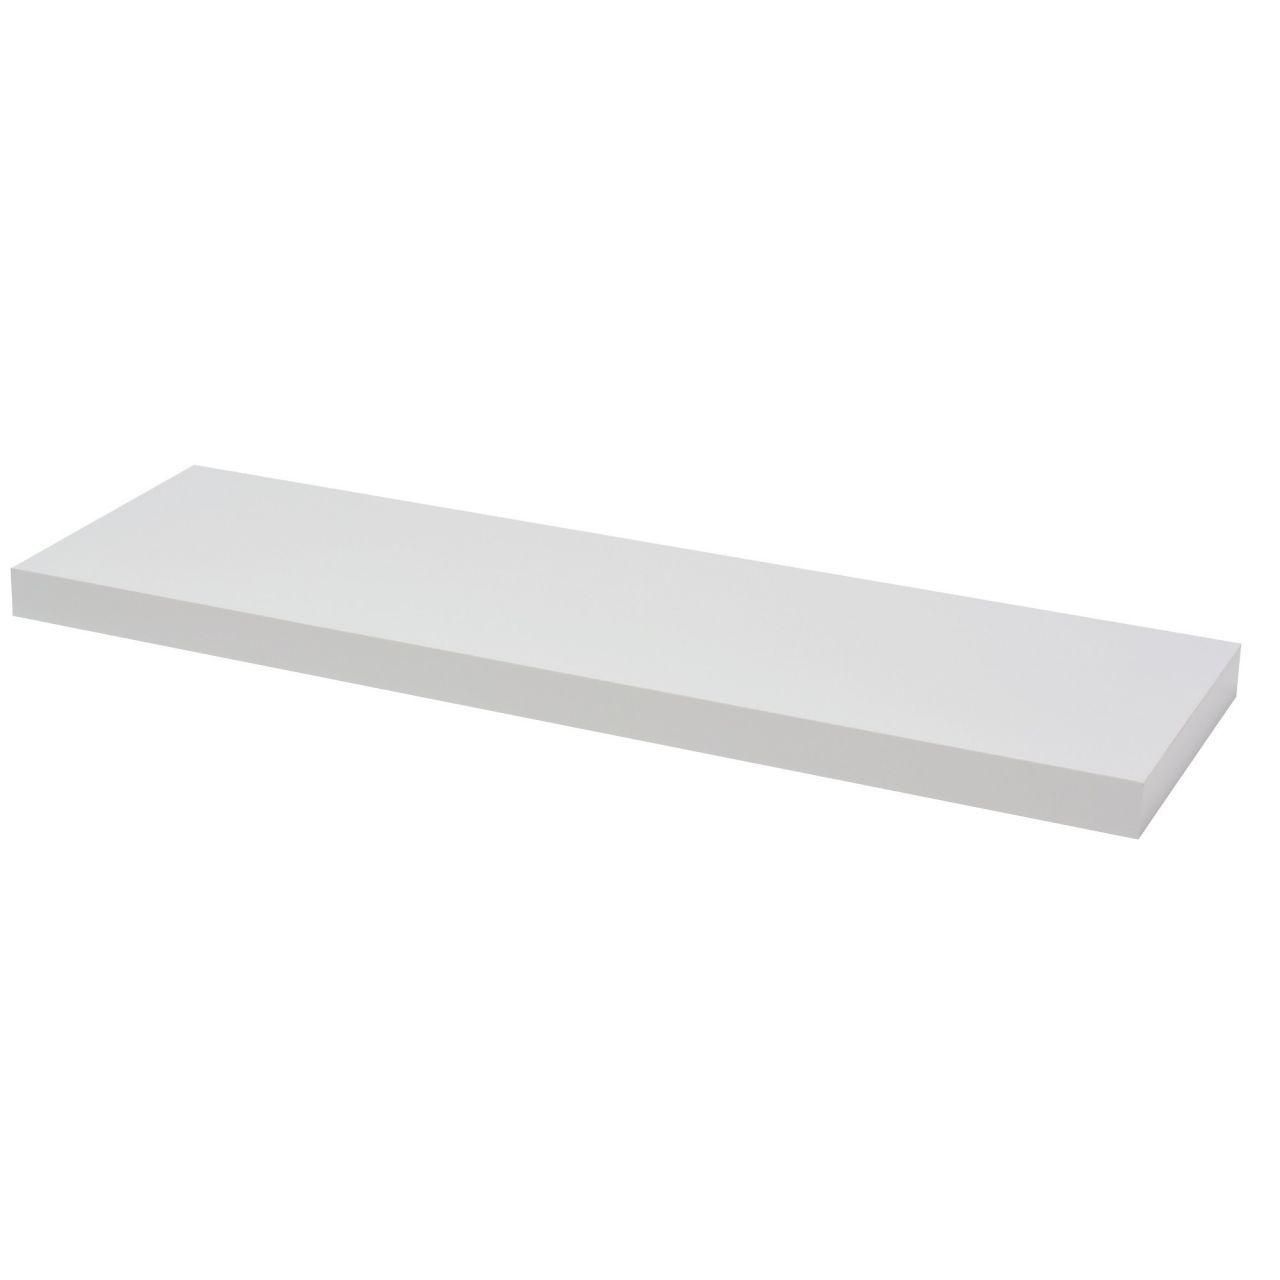 Faszinierend Hängeregal Weiß Hochglanz Ideen Von Trendstabil Schwebendes Wandregal, Bücherregal Selbsttragend, 80 X